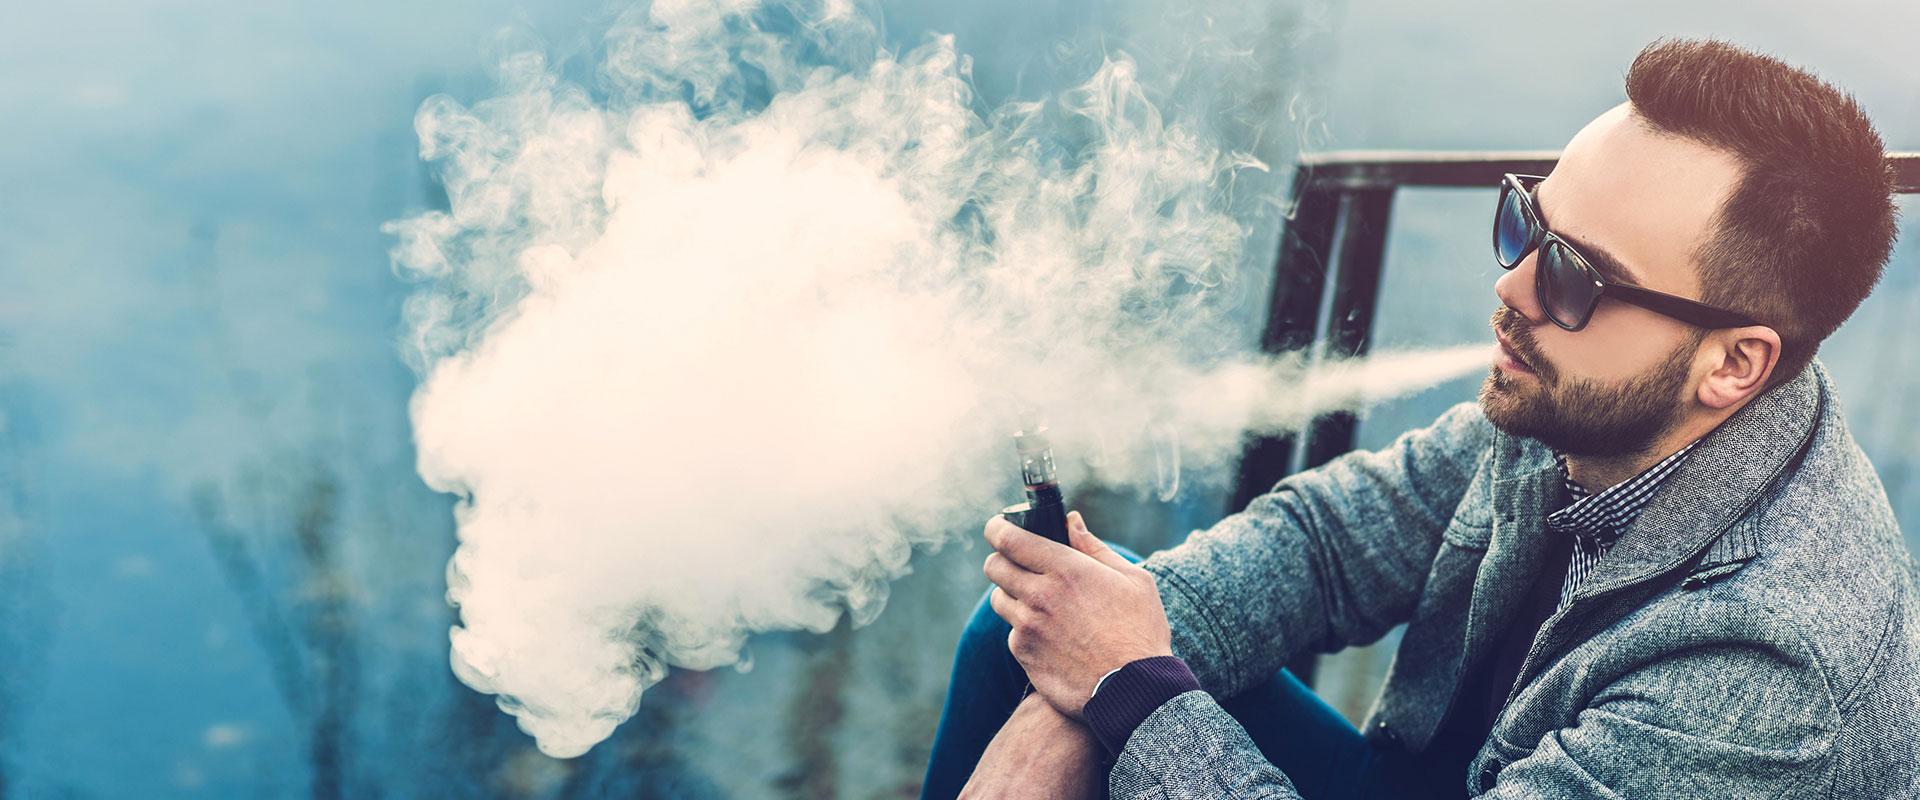 Vapotage et cigarette électronique